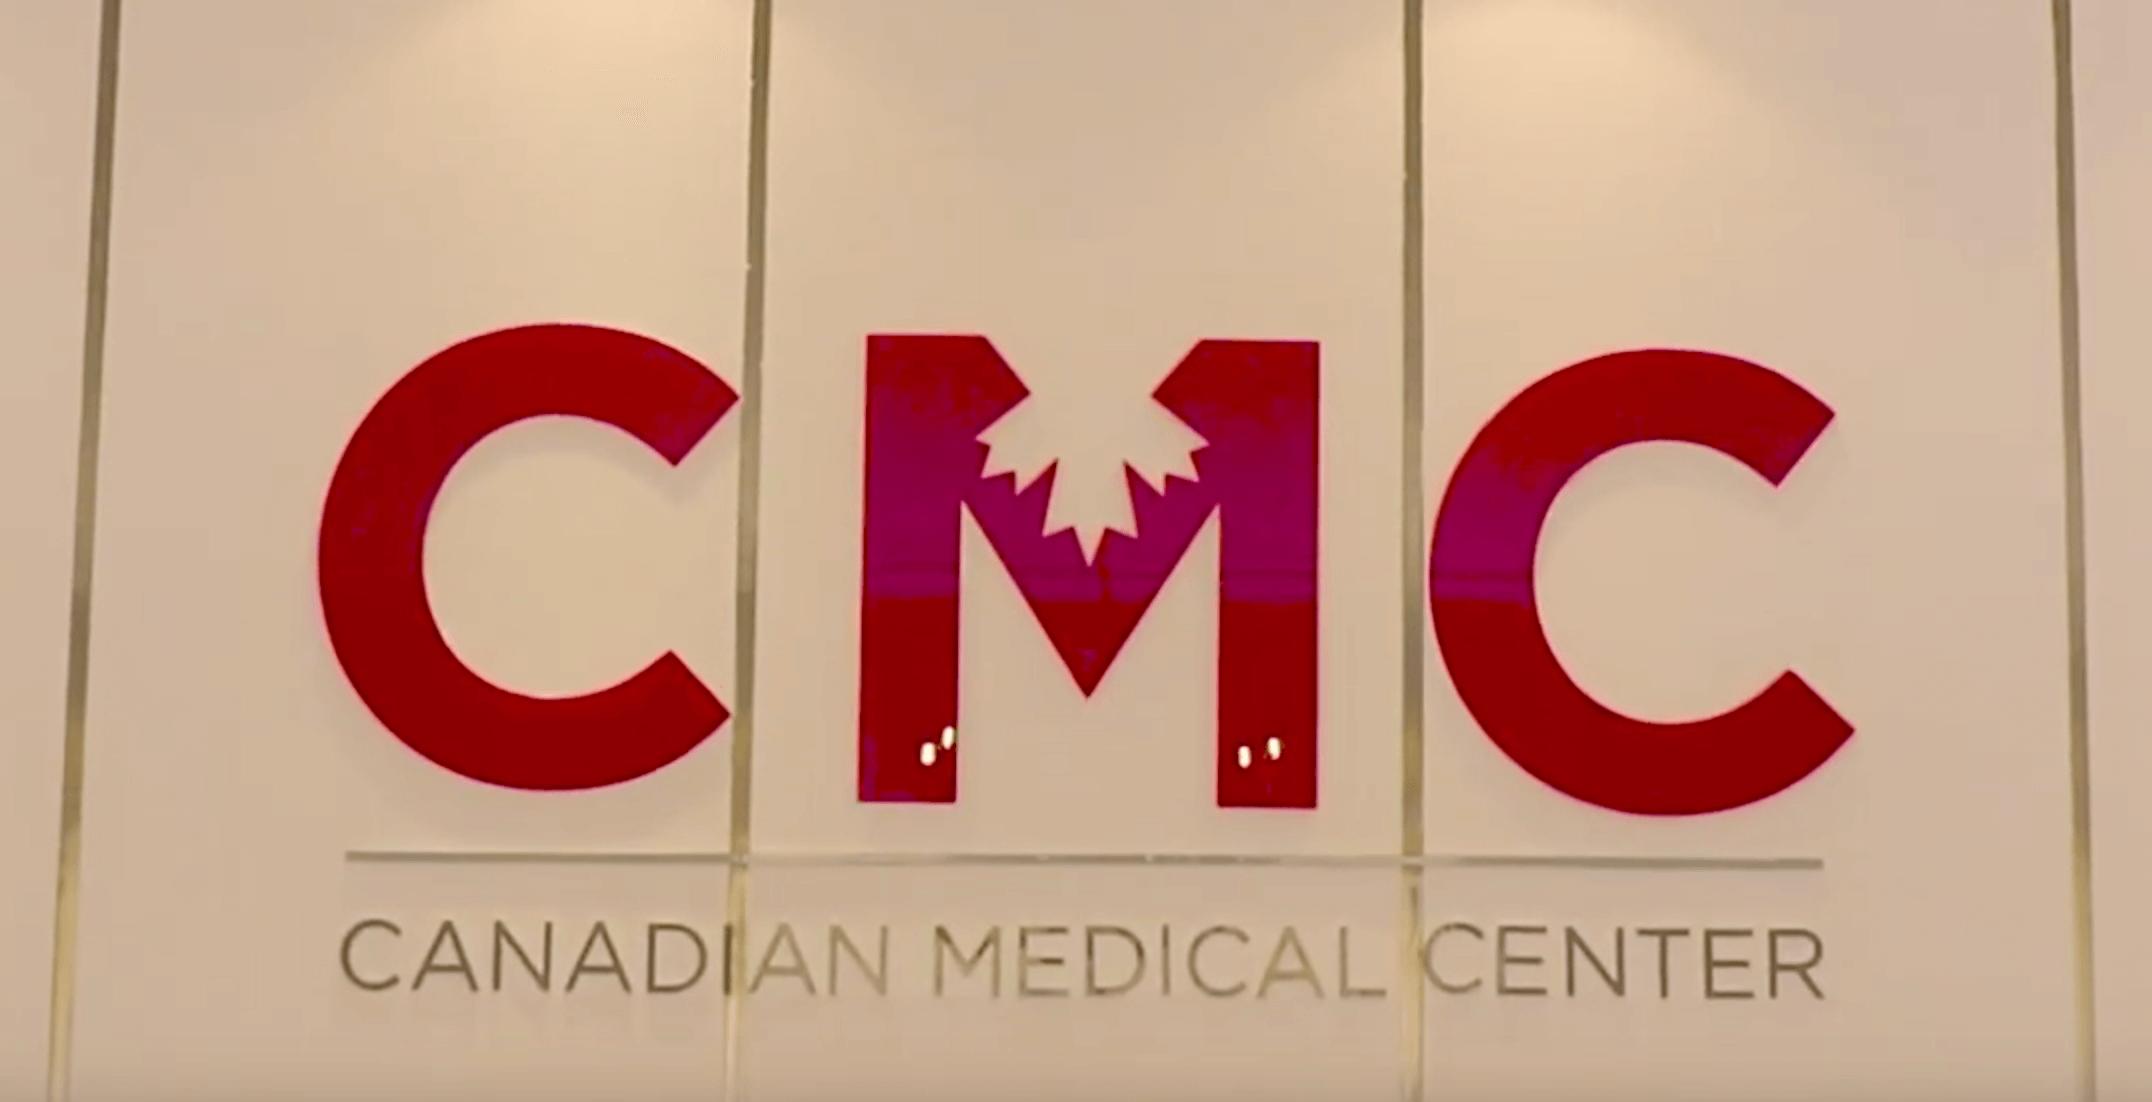 المركز الطبي الكندي 5